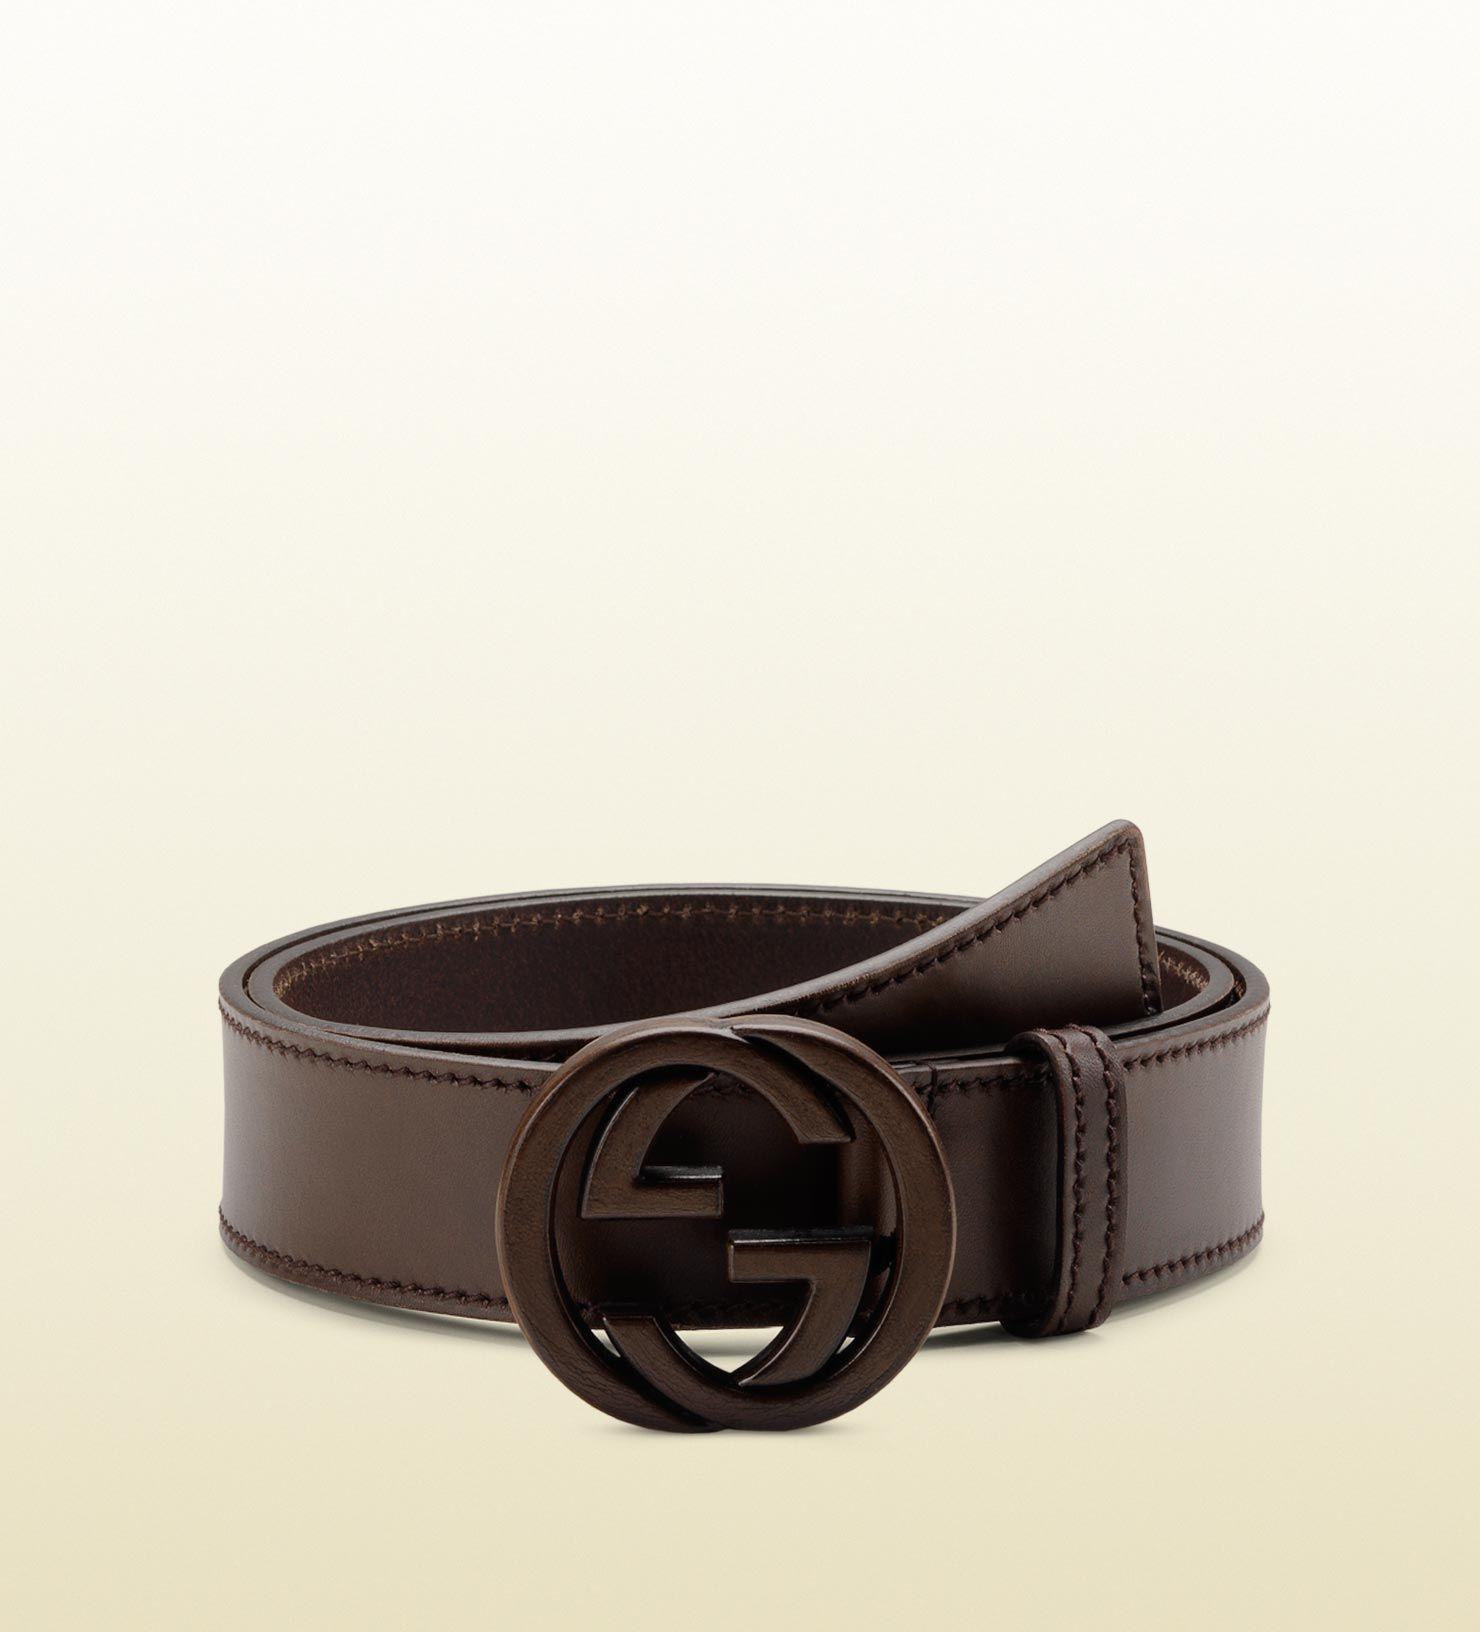 0ee8eef366b Men s Brown Belt with Leather Interlocking G Buckle